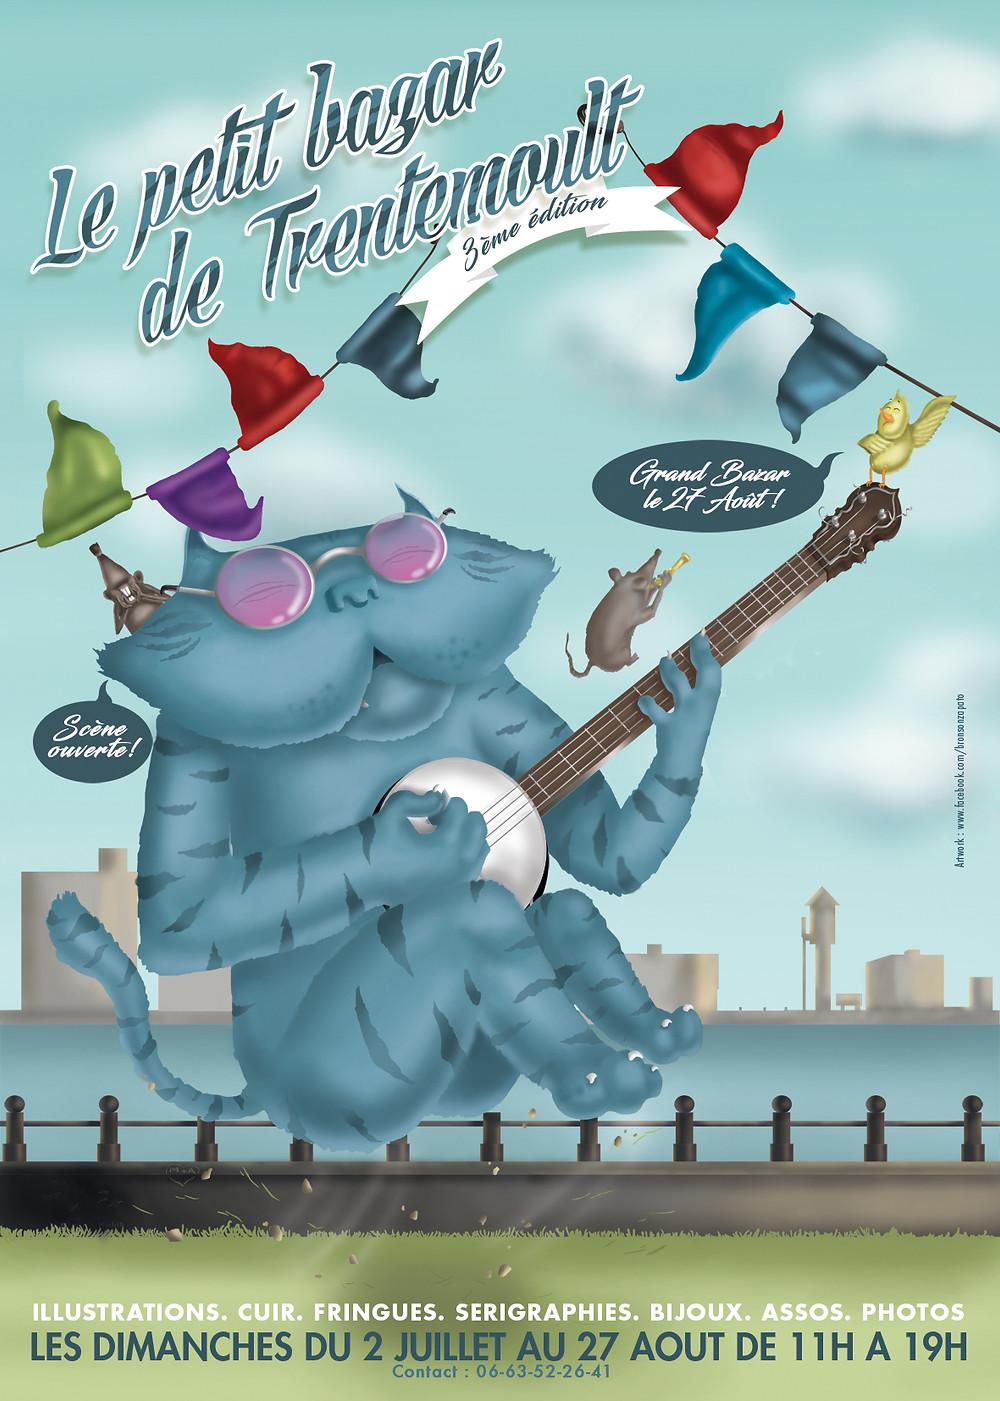 Les créations de BENETOC seront au Petit Bazar de Trentemoult ce dimanche 23